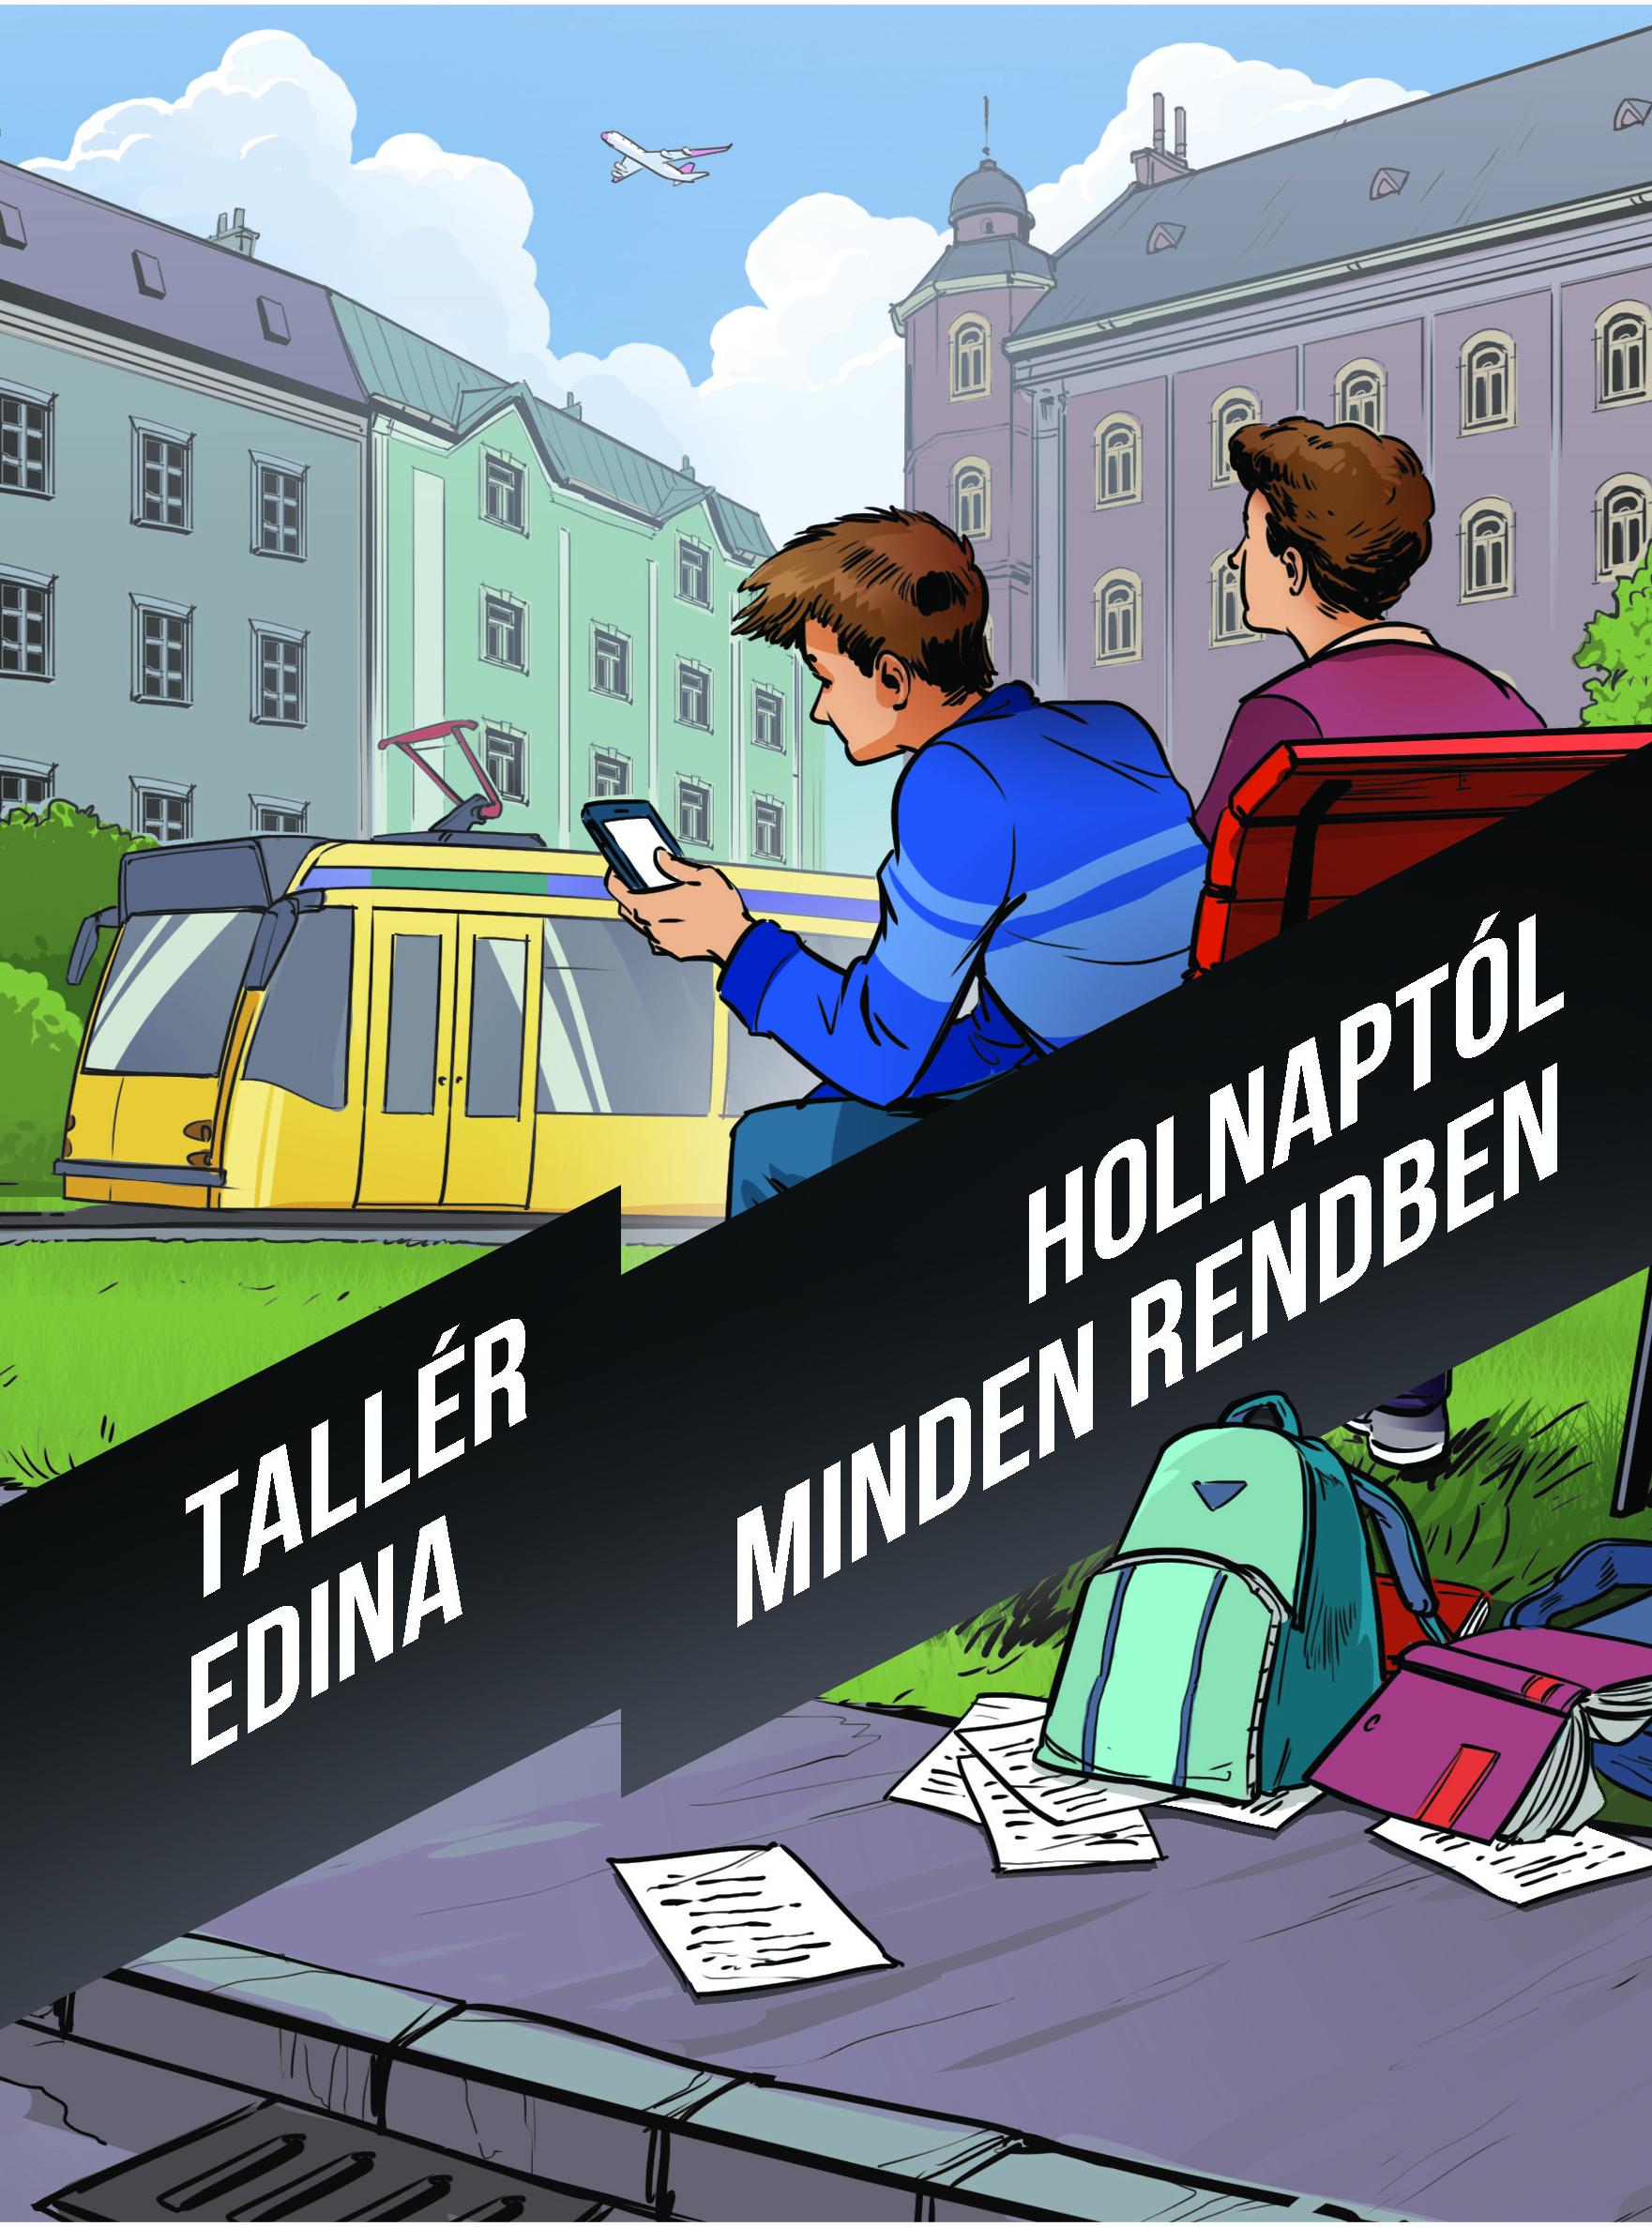 HOLNAPTOL.indd